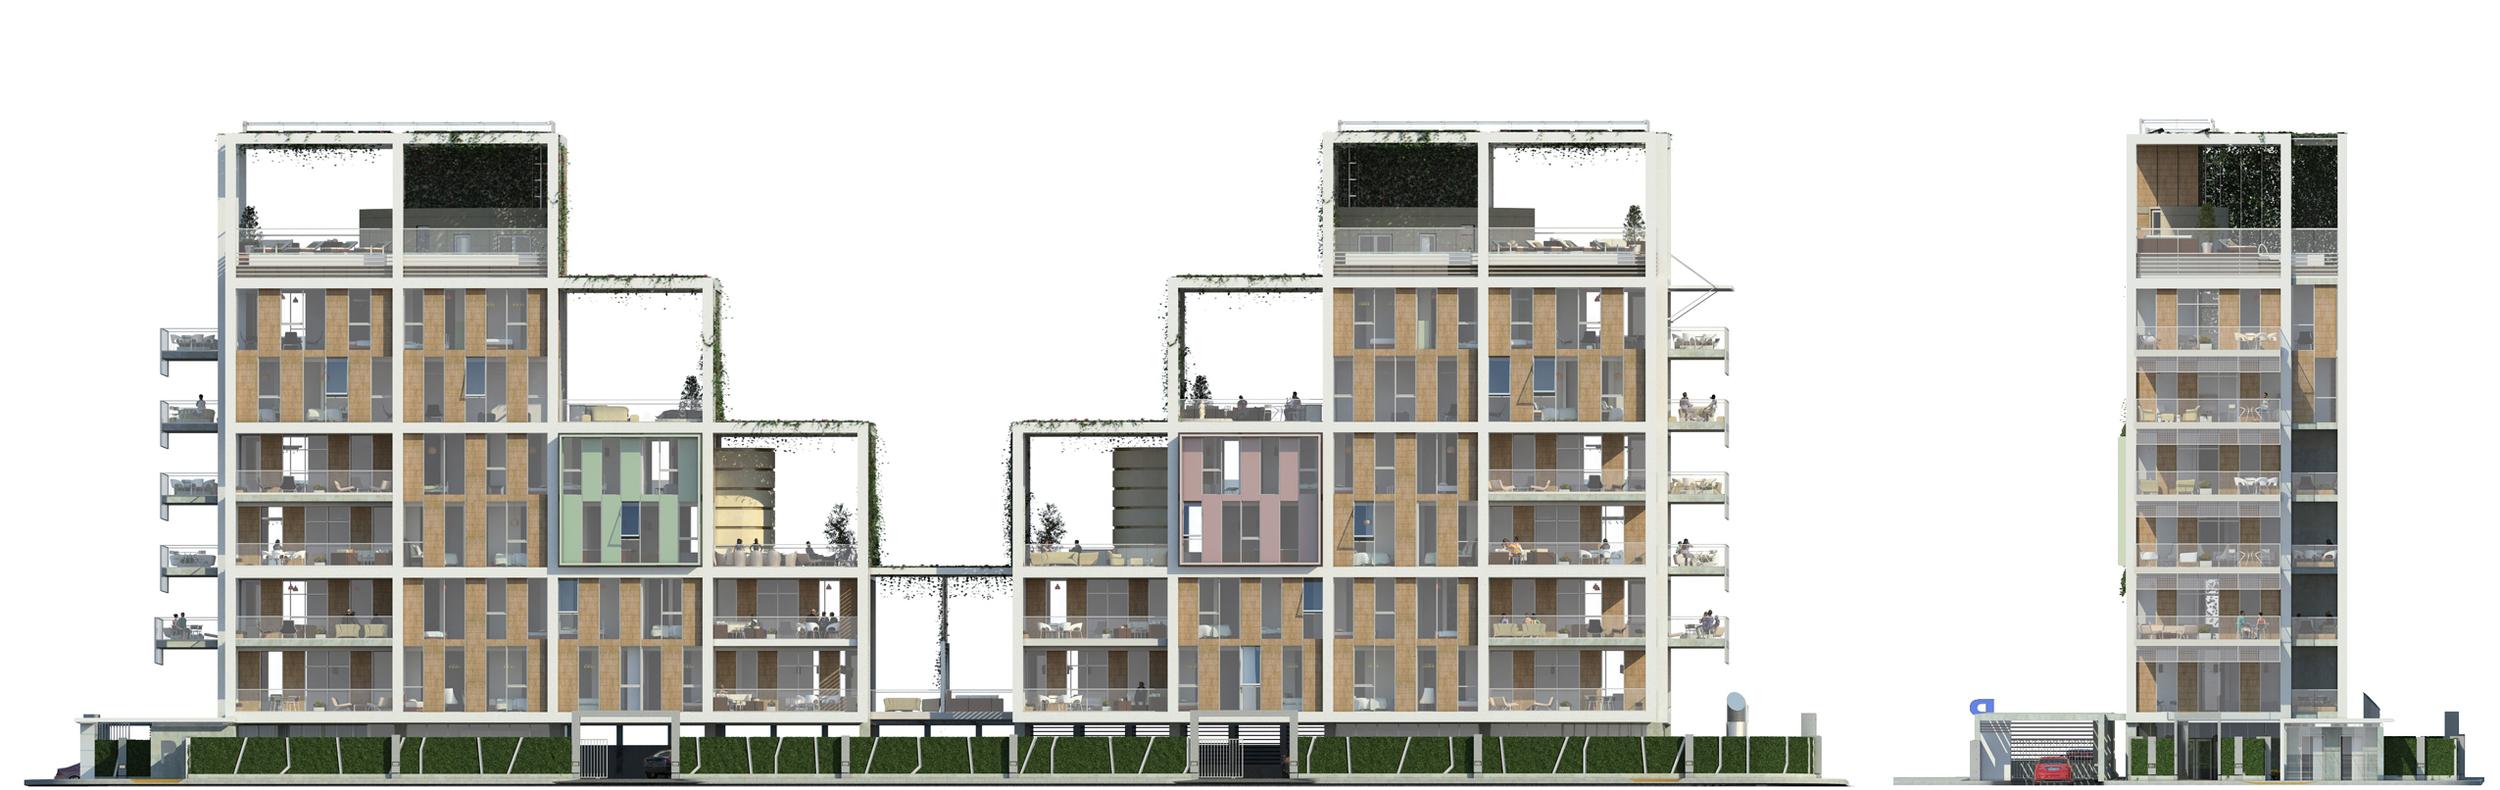 WKK Neocleous Apartments Elevation Rendered.jpg